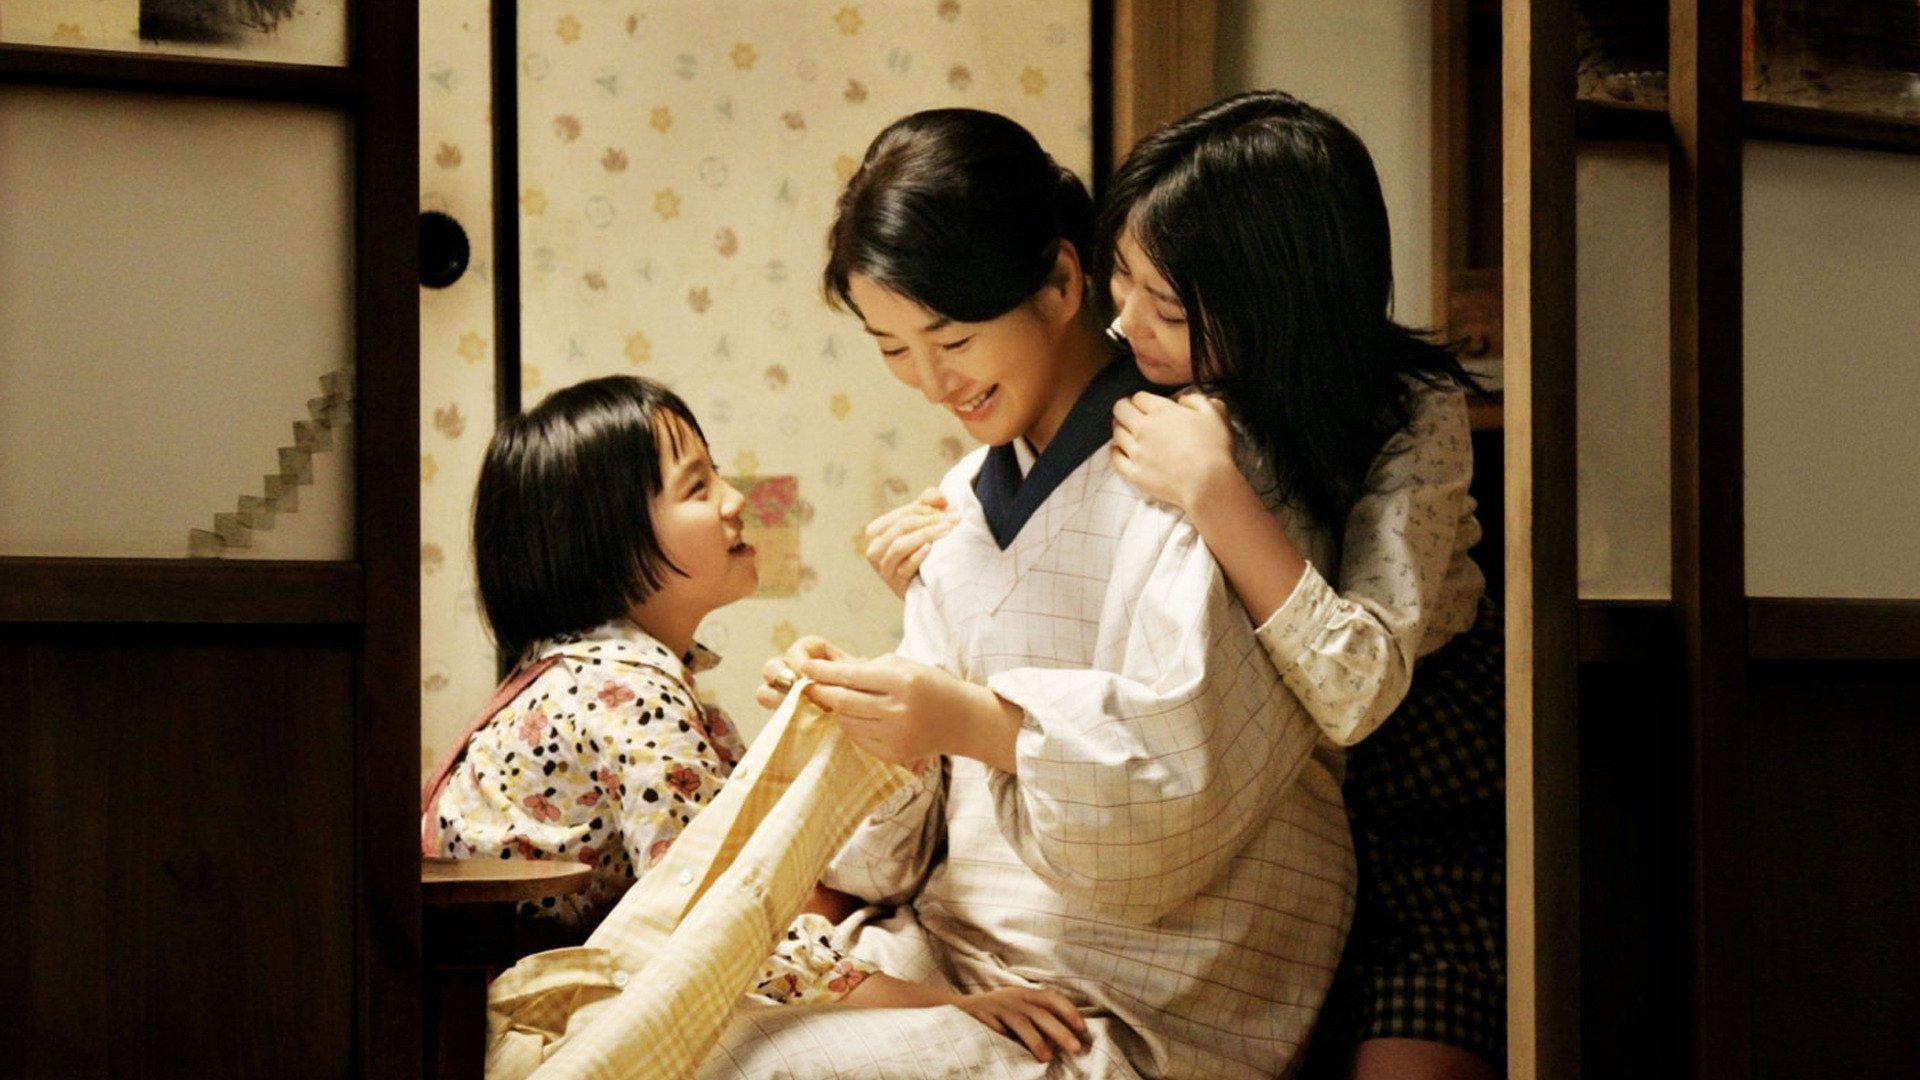 Bạn sẽ cảm thấy hối hận nếu không biết sớm hơn 11 cách tiết kiệm của người Nhật cực bổ ích này - Ảnh 3.